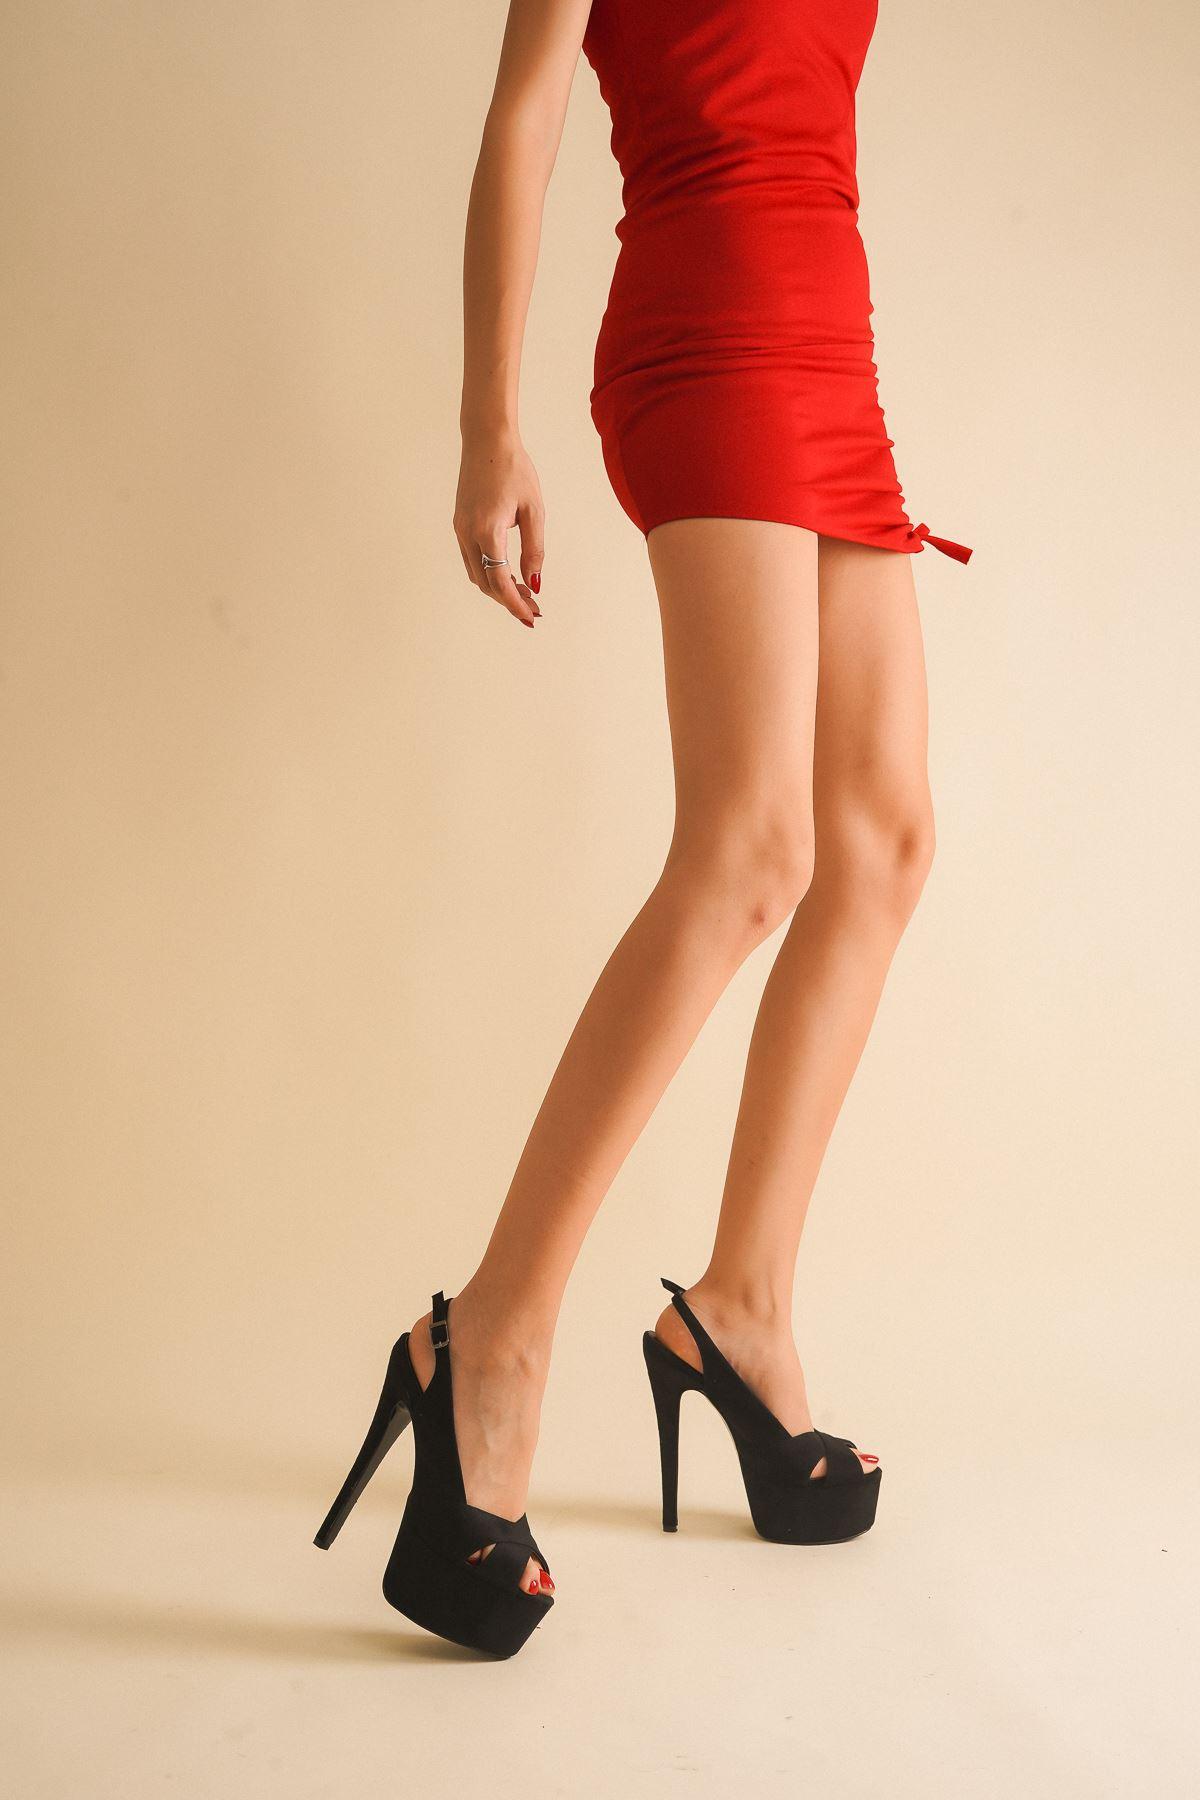 Acero Siyah Süet Yüksek Topuklu Kadın Ayakkabı